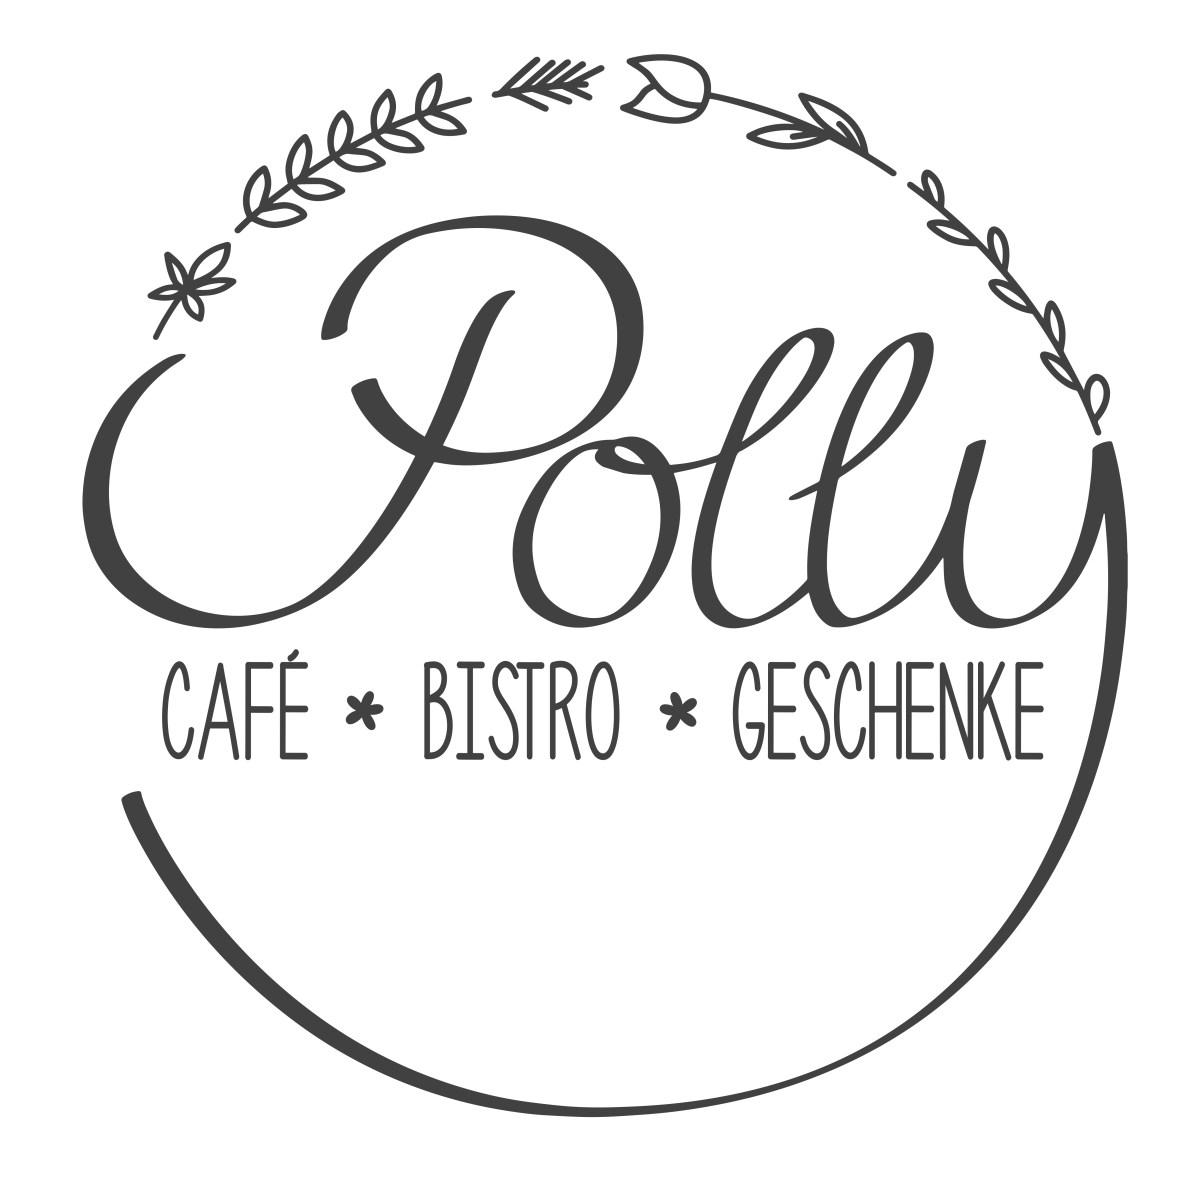 Polly - Cafe, Bistro, Geschenke